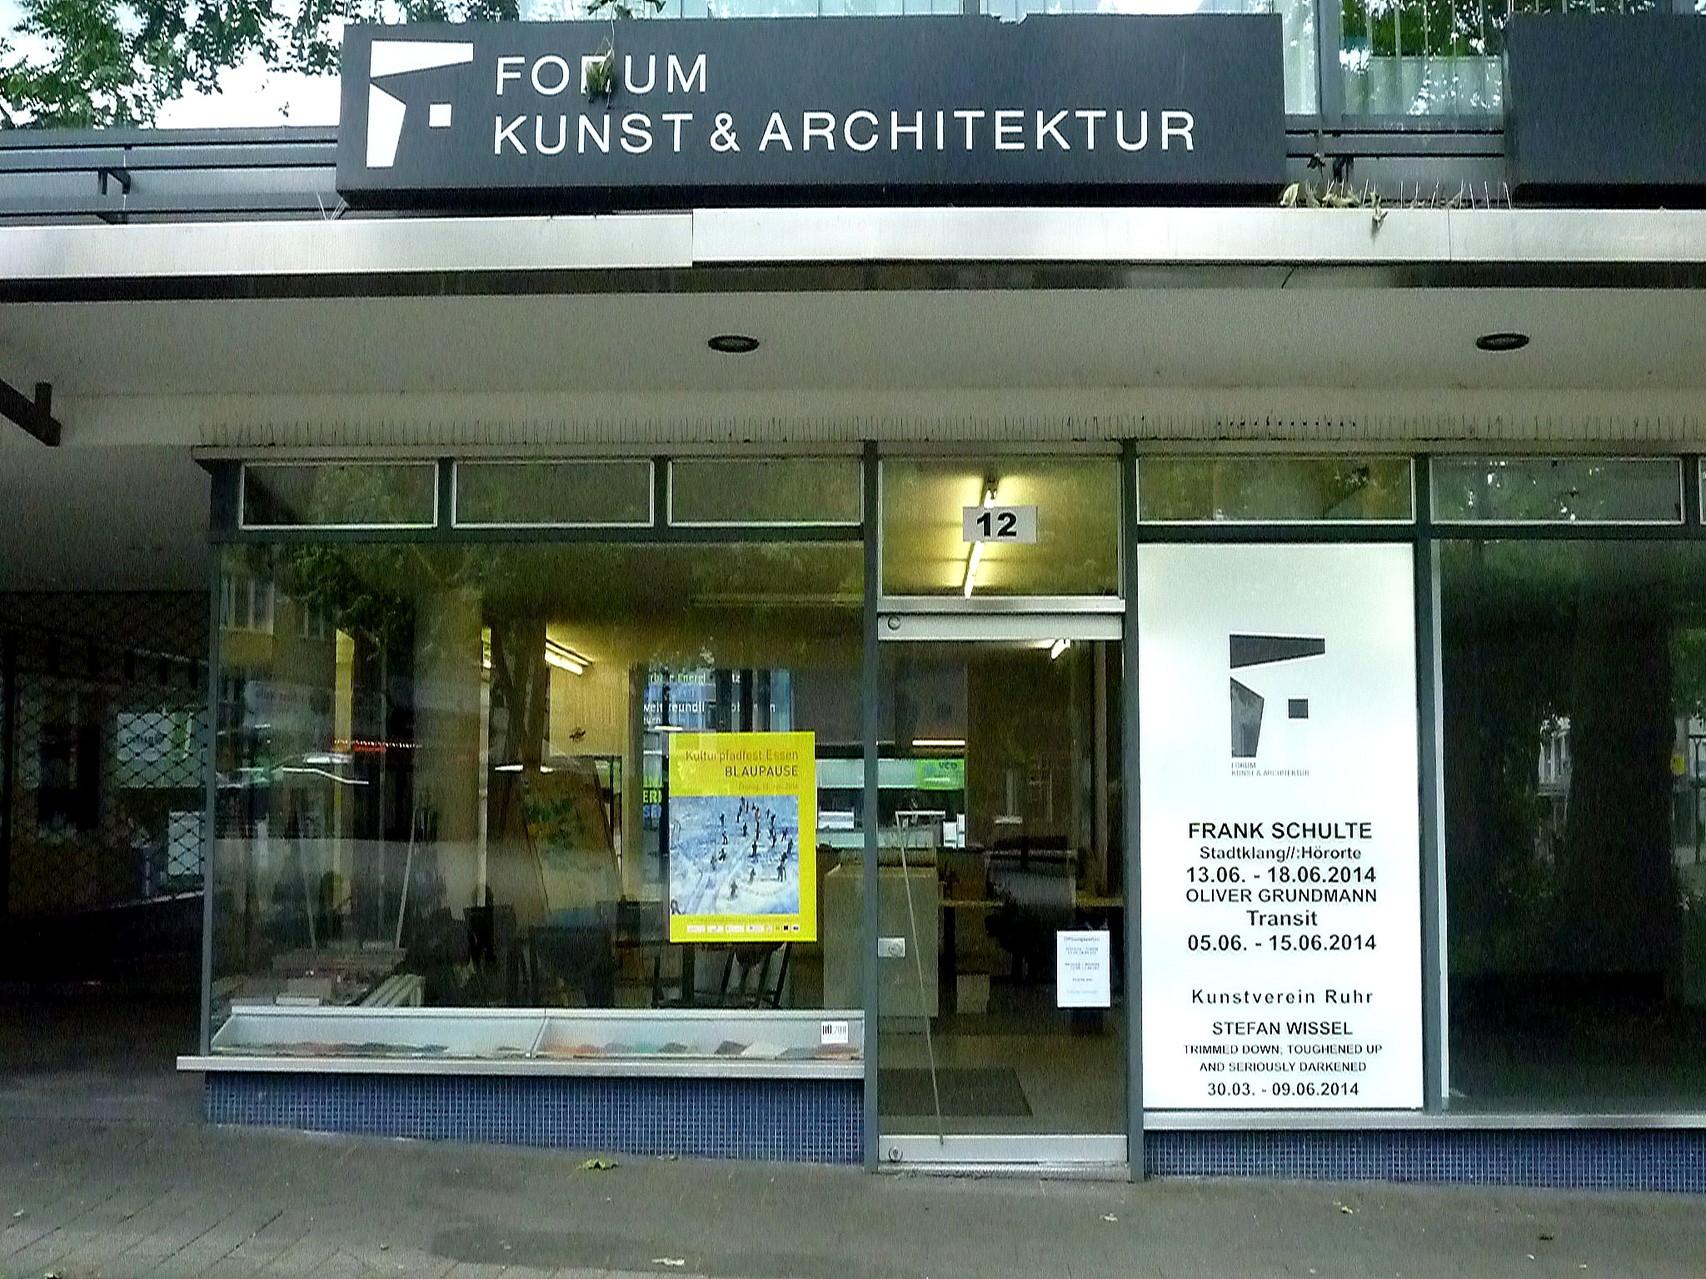 Stadtklang //: Hörorte - Forum für Kunst & Architektur